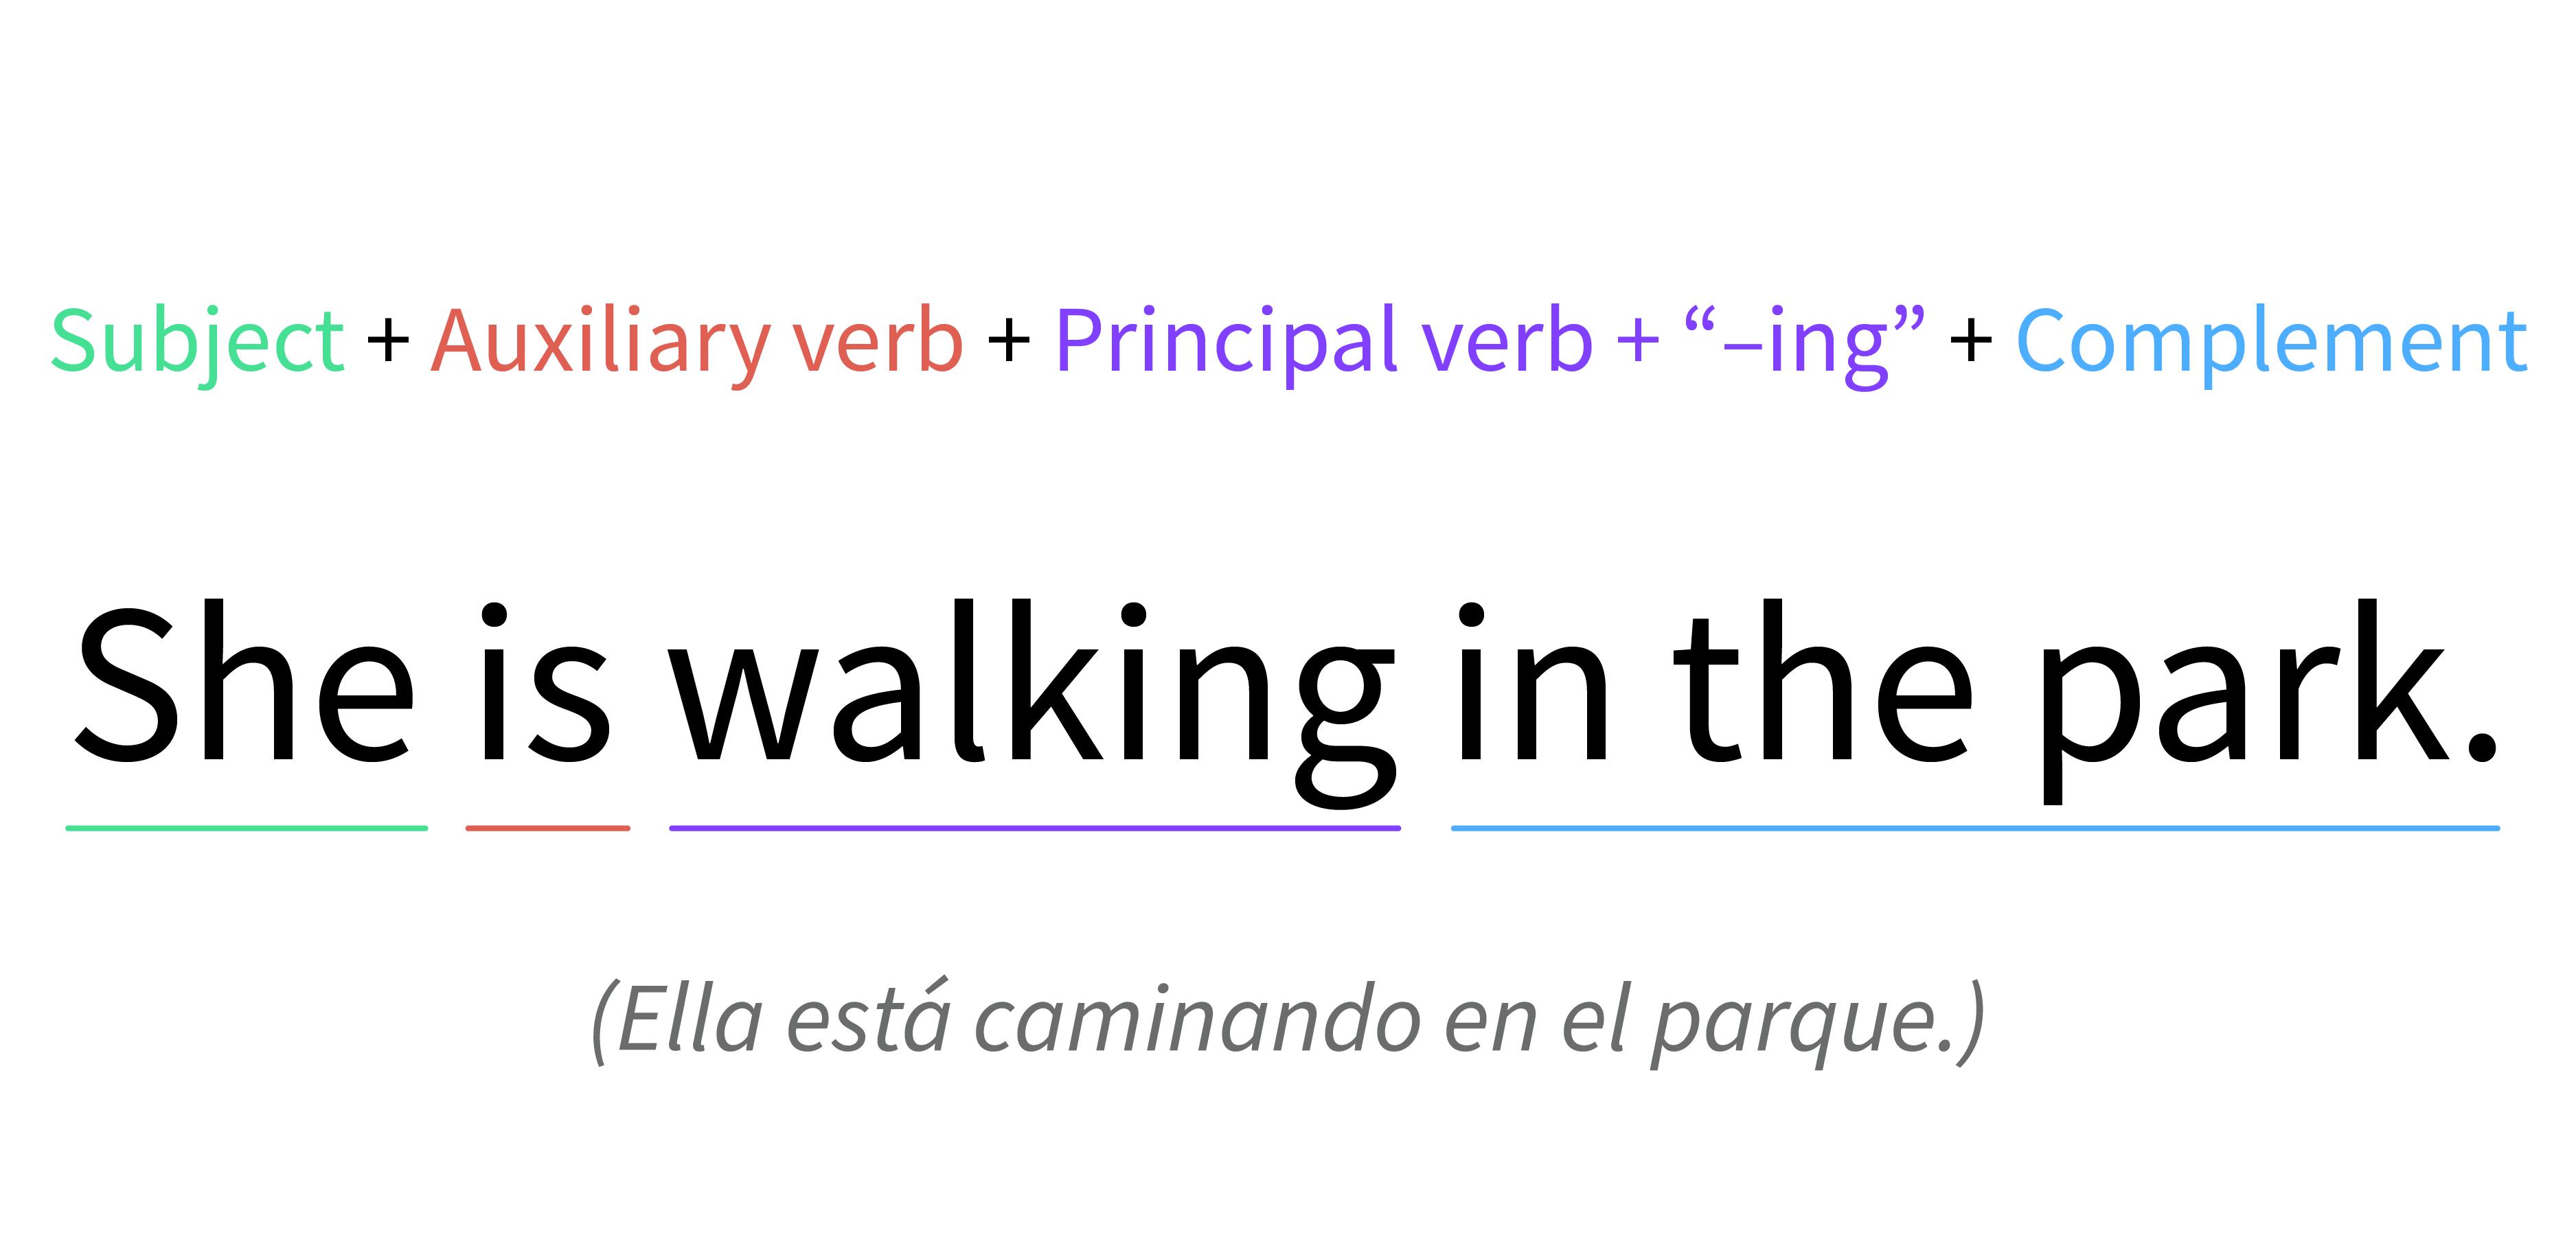 Imagen ejemplo de la estructura de una frase en presente continuo.